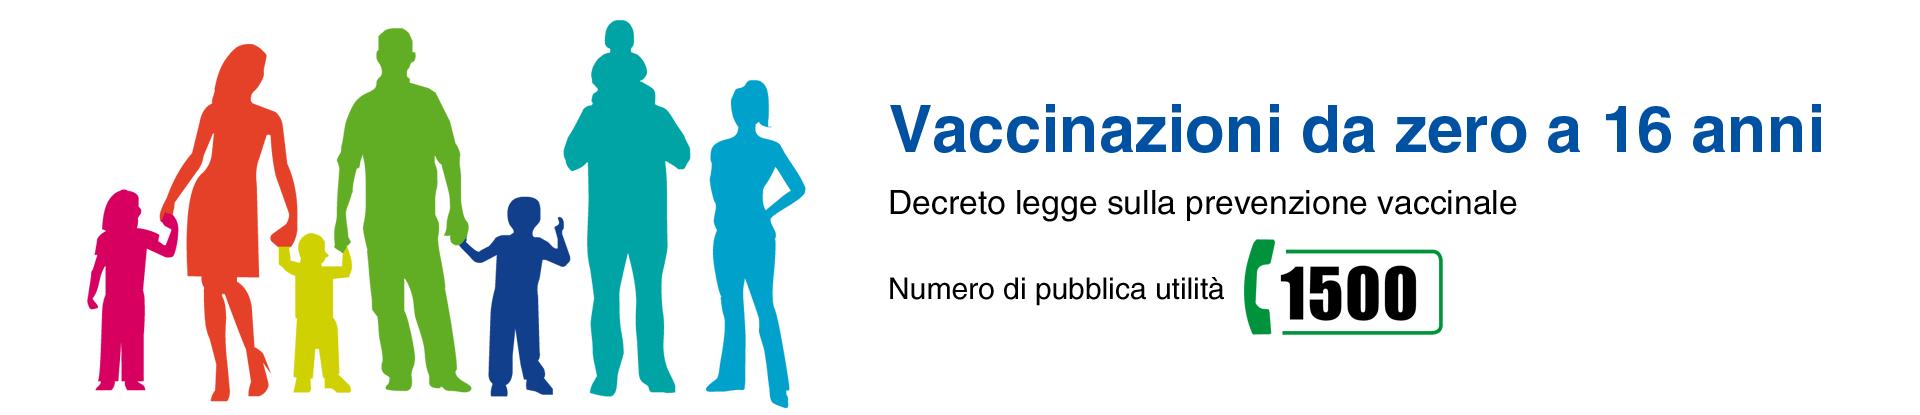 Banner vaccinazioni